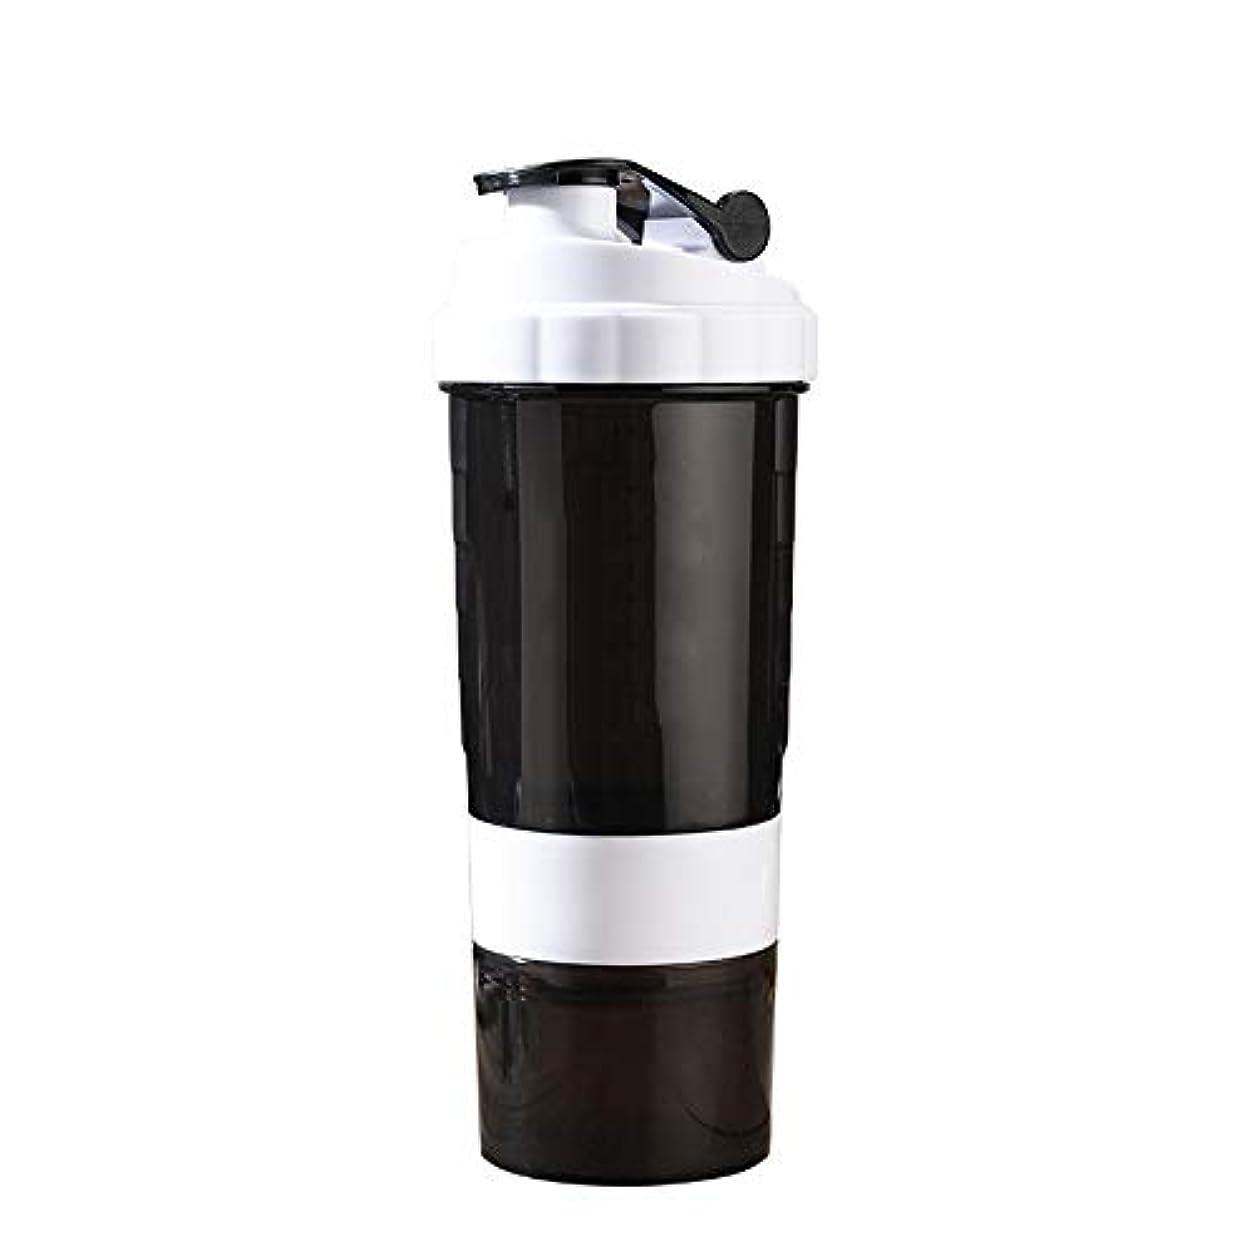 支配的エンジニアペナルティミルクセーキ シェイクカップフ[ 最新デザイン ] 多層タンパク質粉末 シェイクカップフ ィット ネススポ ーツウォーターボトル 旋風やかんミルク スケールティーカップ